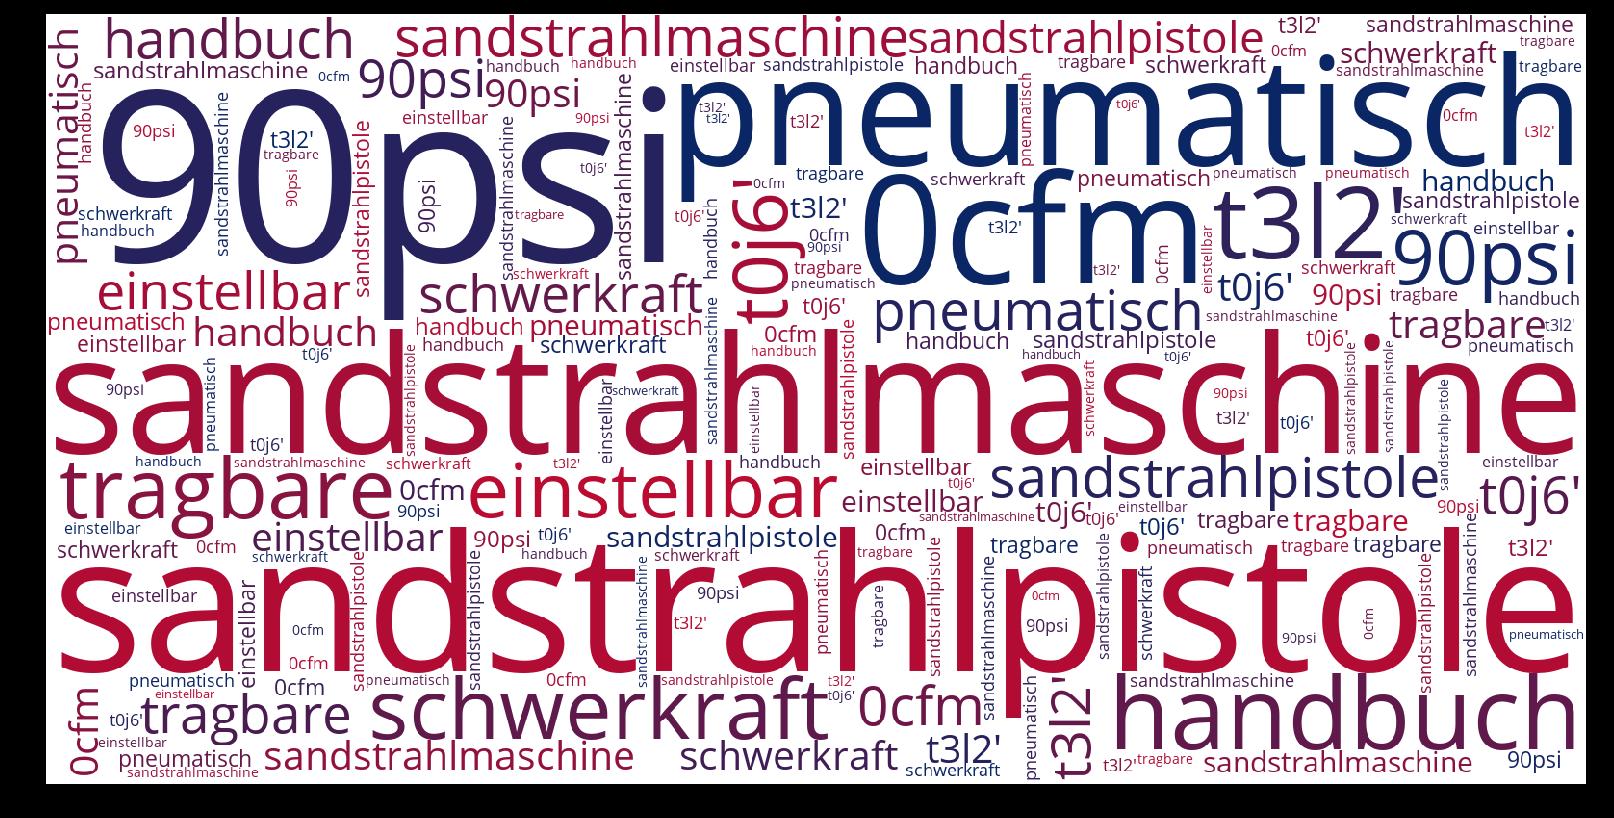 Sandstrahlmaschine-wordcloud